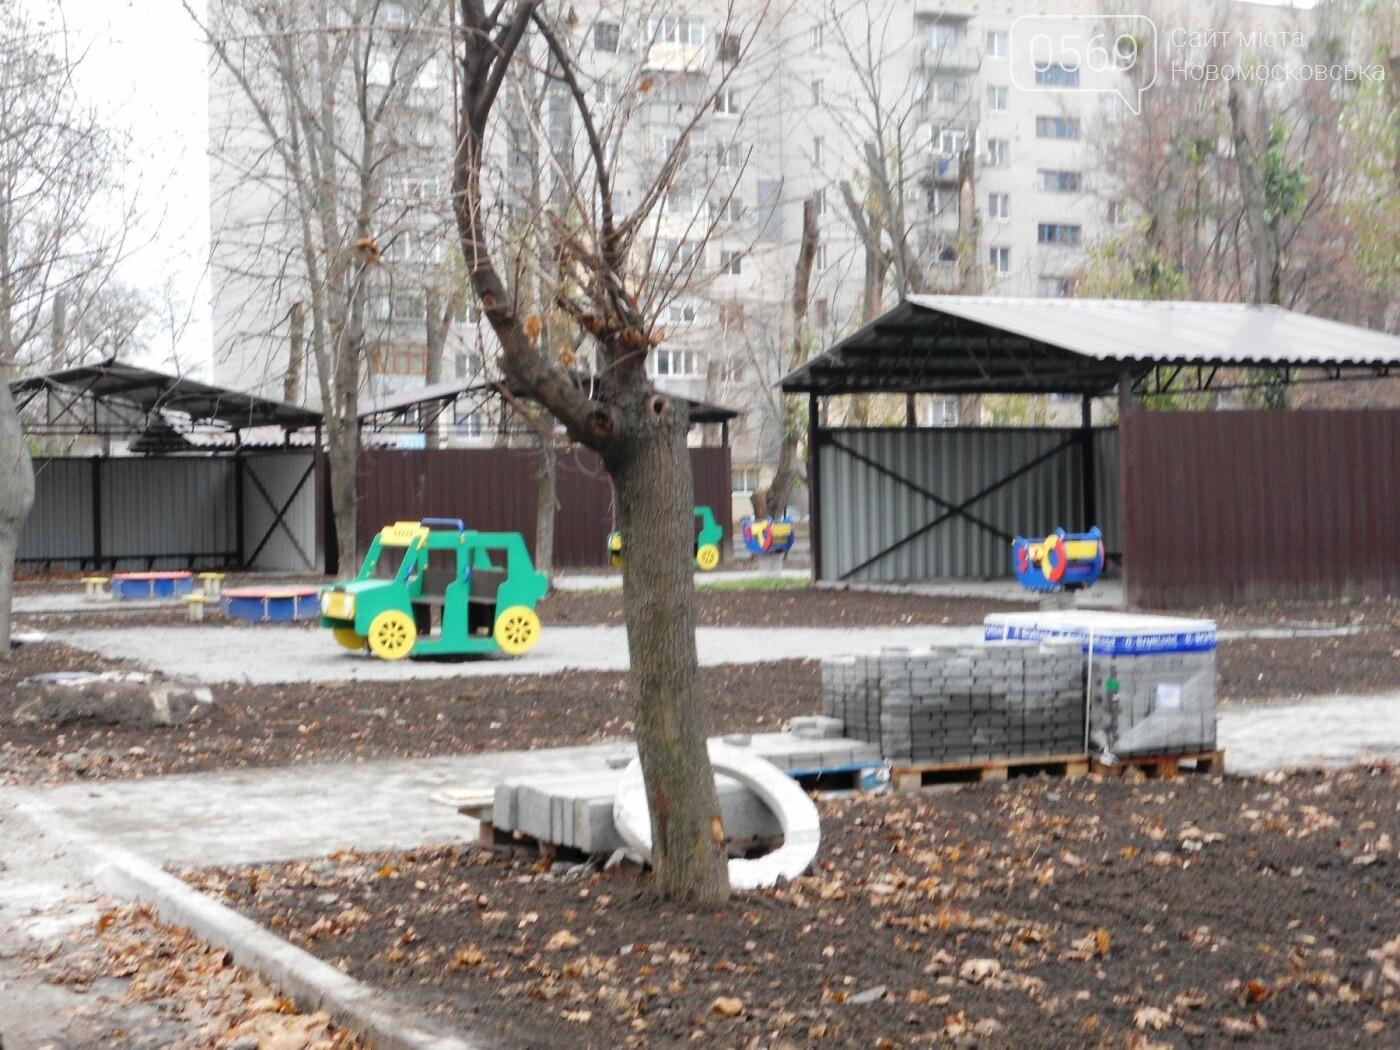 Детсад «Чебурашка» в Новомосковске: реконструкция завершается, а крыша течет, фото-15